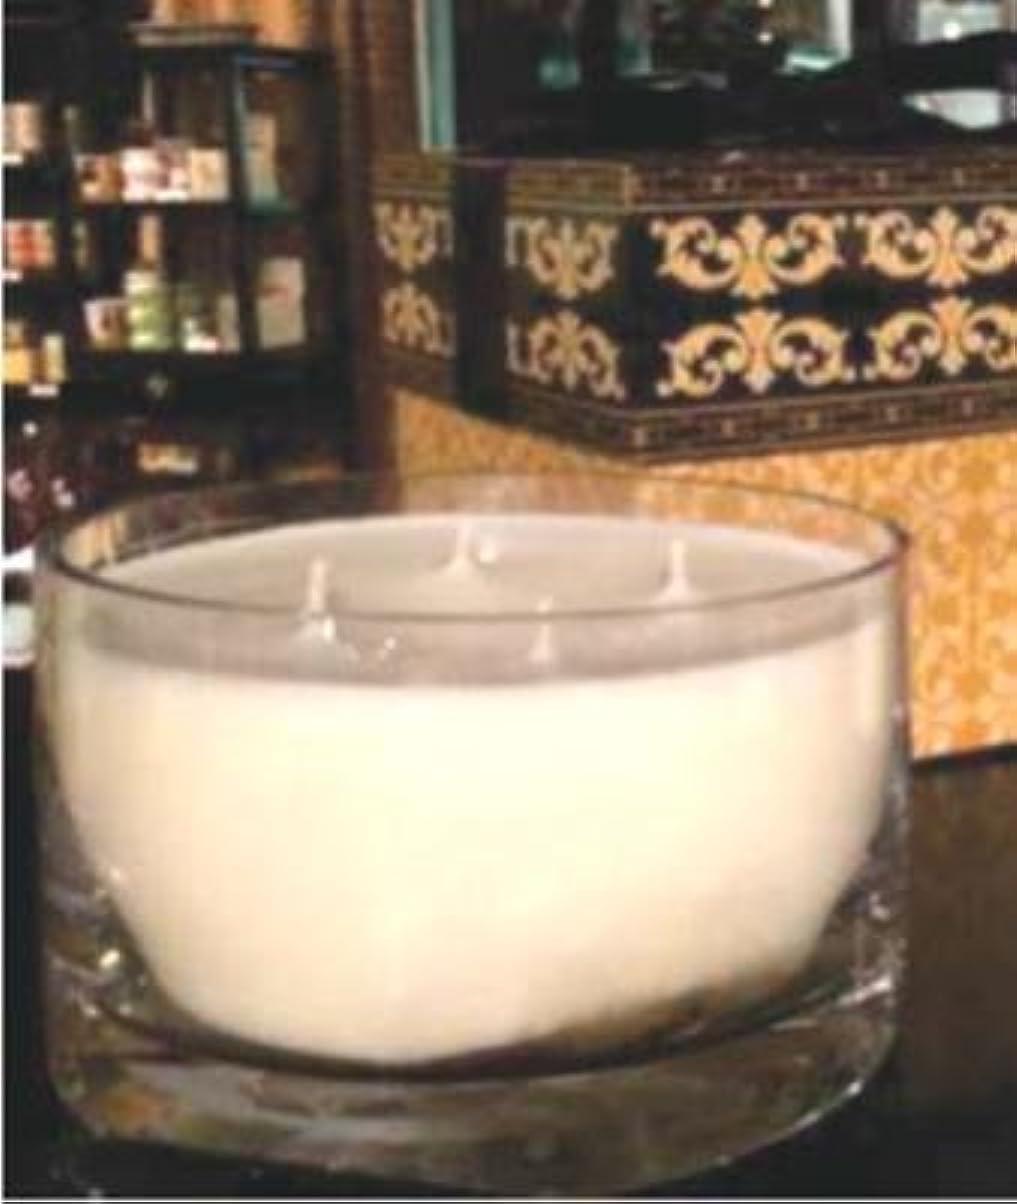 地平線失うエンドウアップルサイダー – Exclusive Tyler 40 oz 4-wick香りつきJar Candle